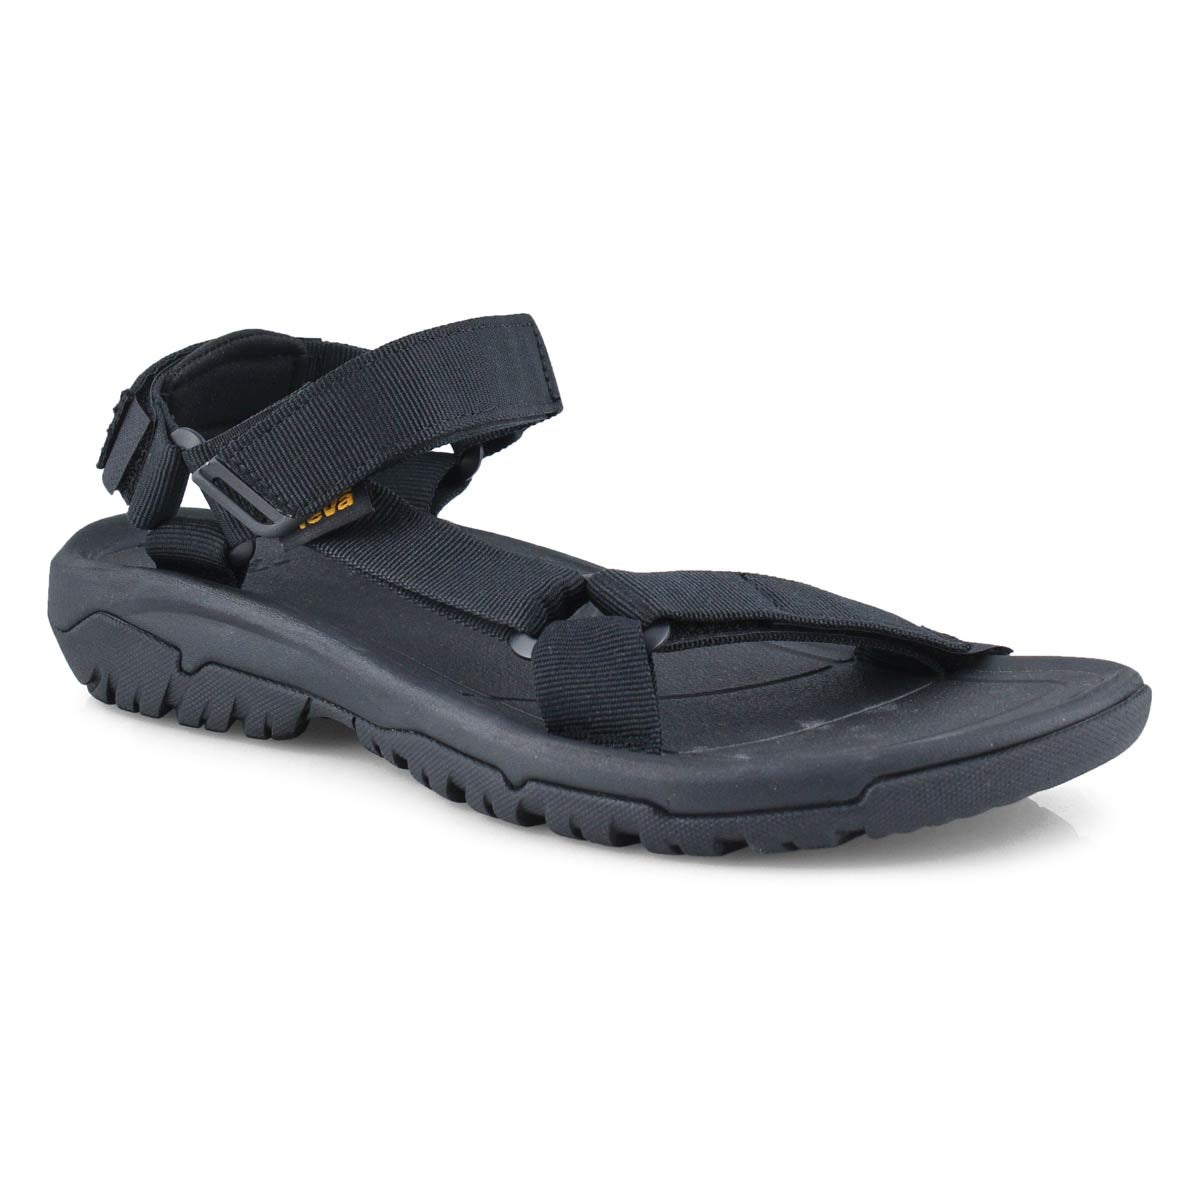 Sandale sport HURRICANE XLT2, nr, hommes